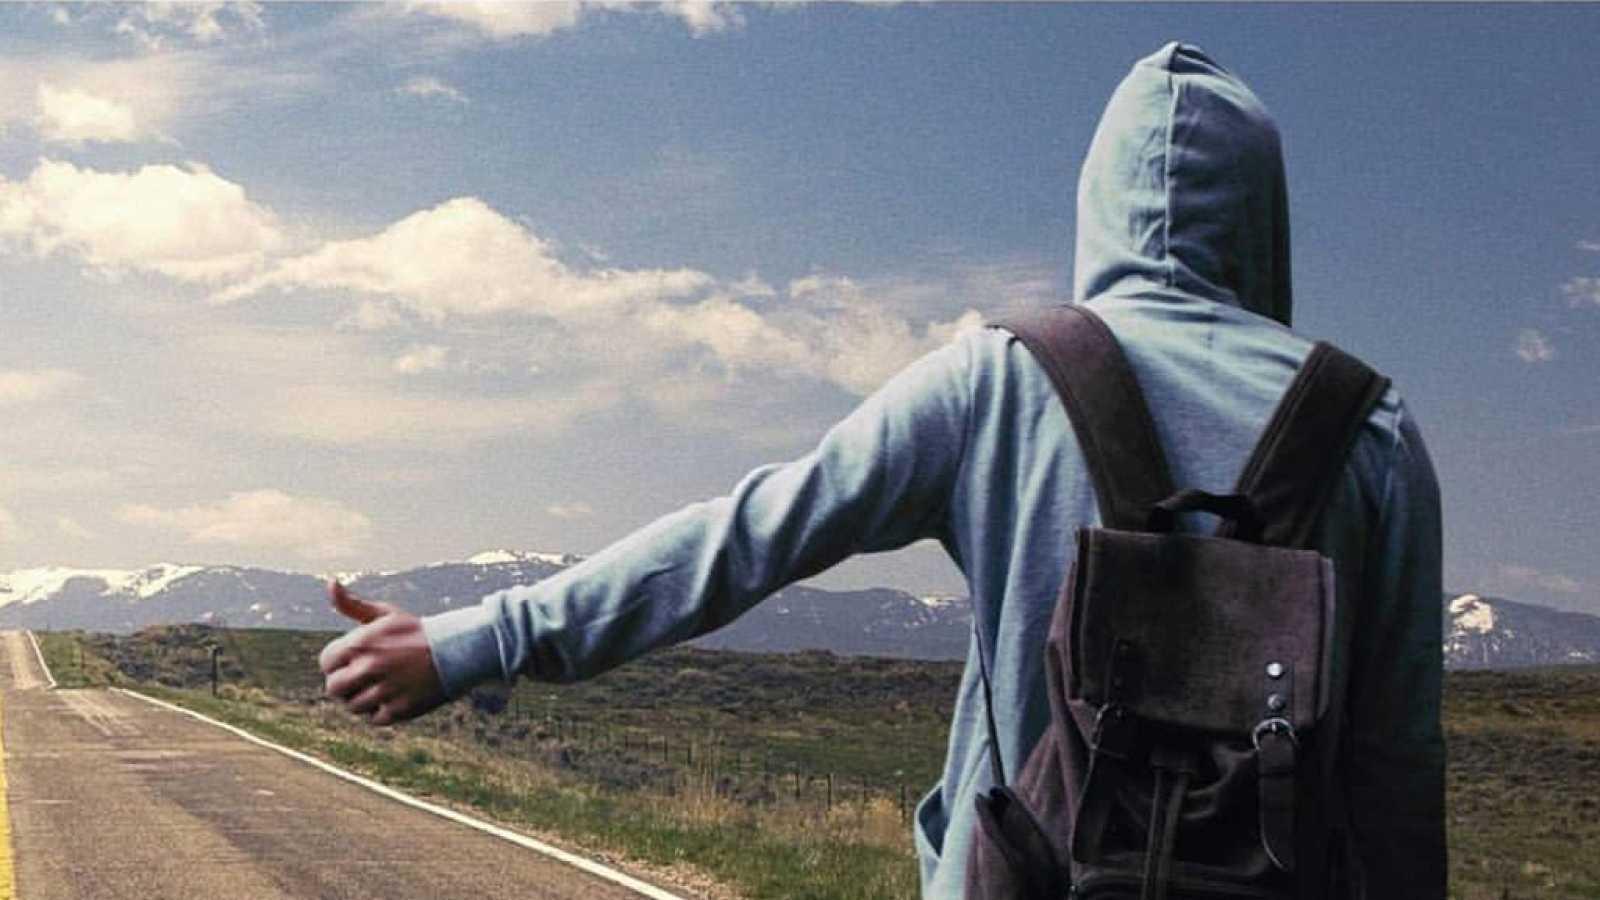 Punto de enlace - Leo Zelada y su libro 'El último nómada', un viaje por el interior de América - 18/04/19 - escuchar ahora